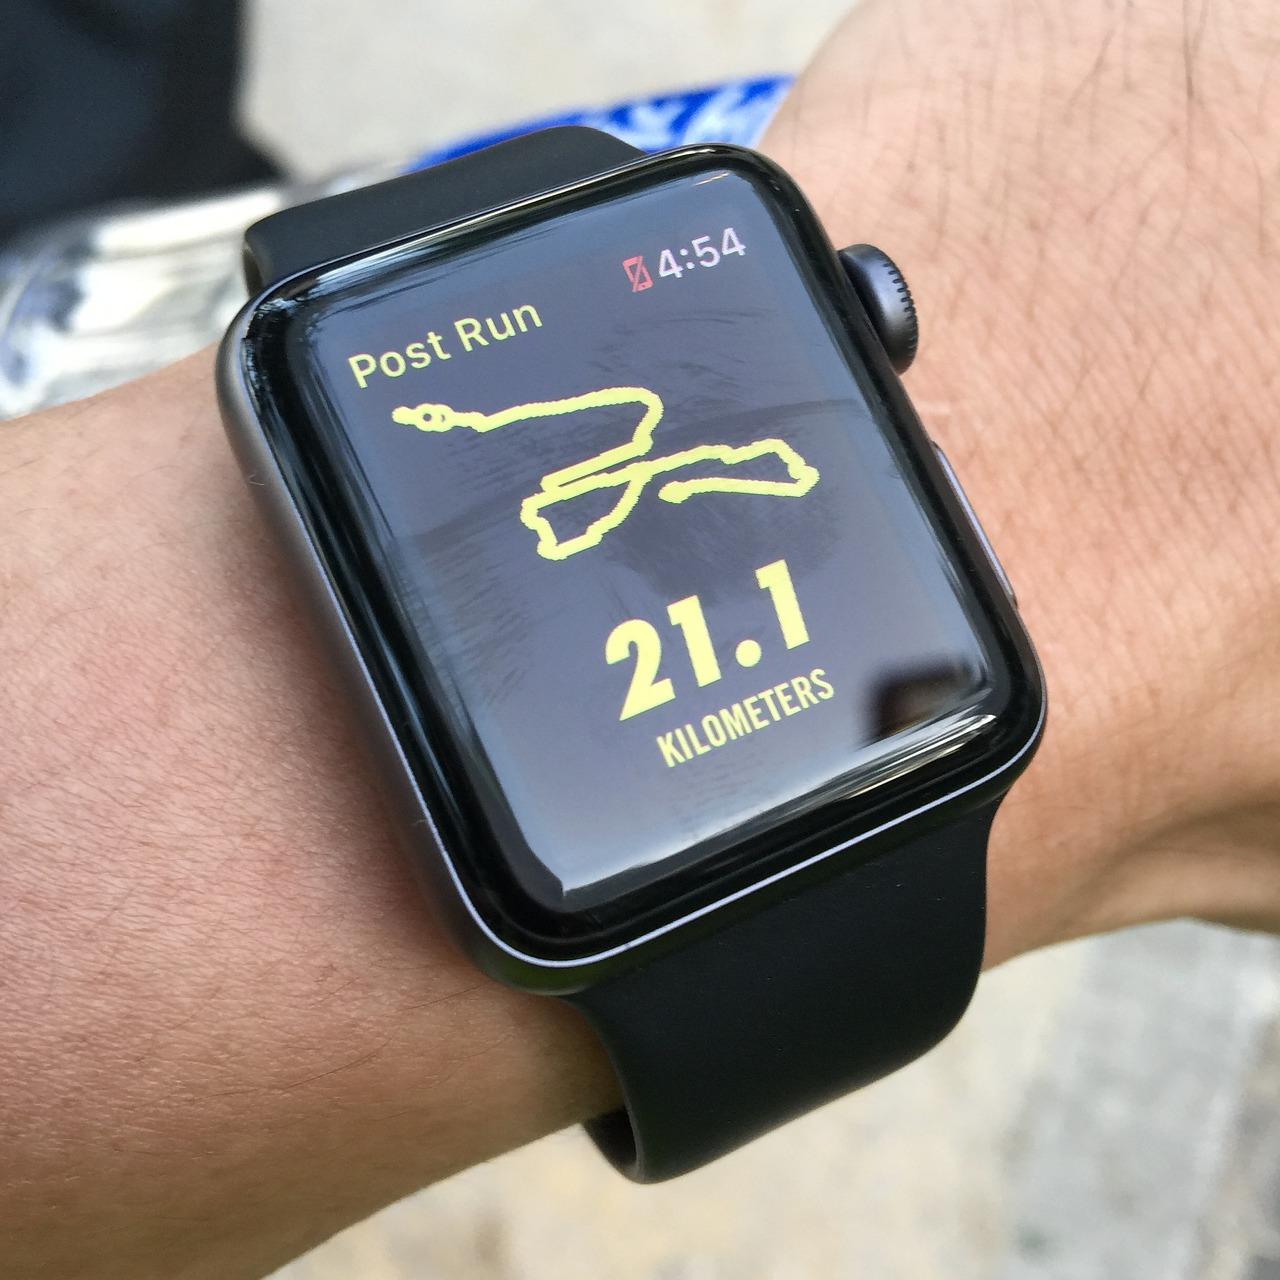 Einer der Vorteile: die GPS-Laufuhr zeigt die Strecke an